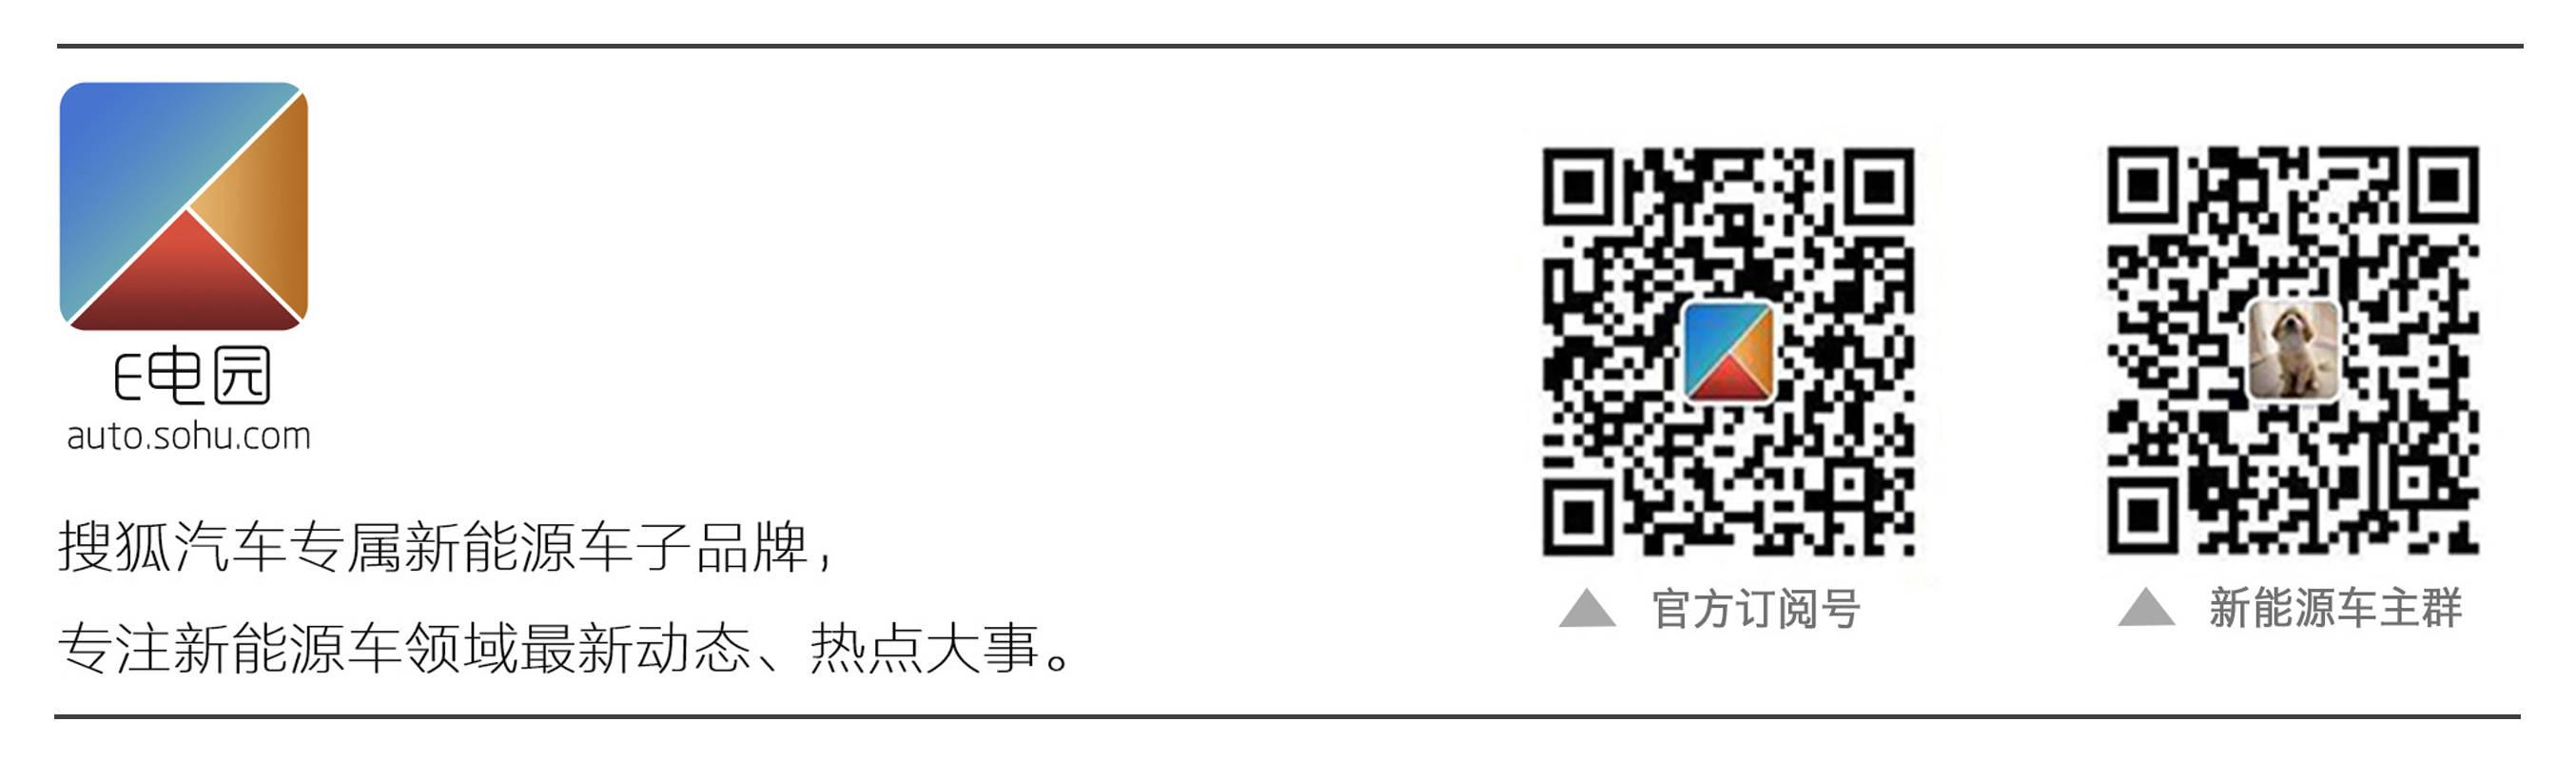 丹皇武帝_337p日本欧洲亚洲大胆精品_抖阴下载